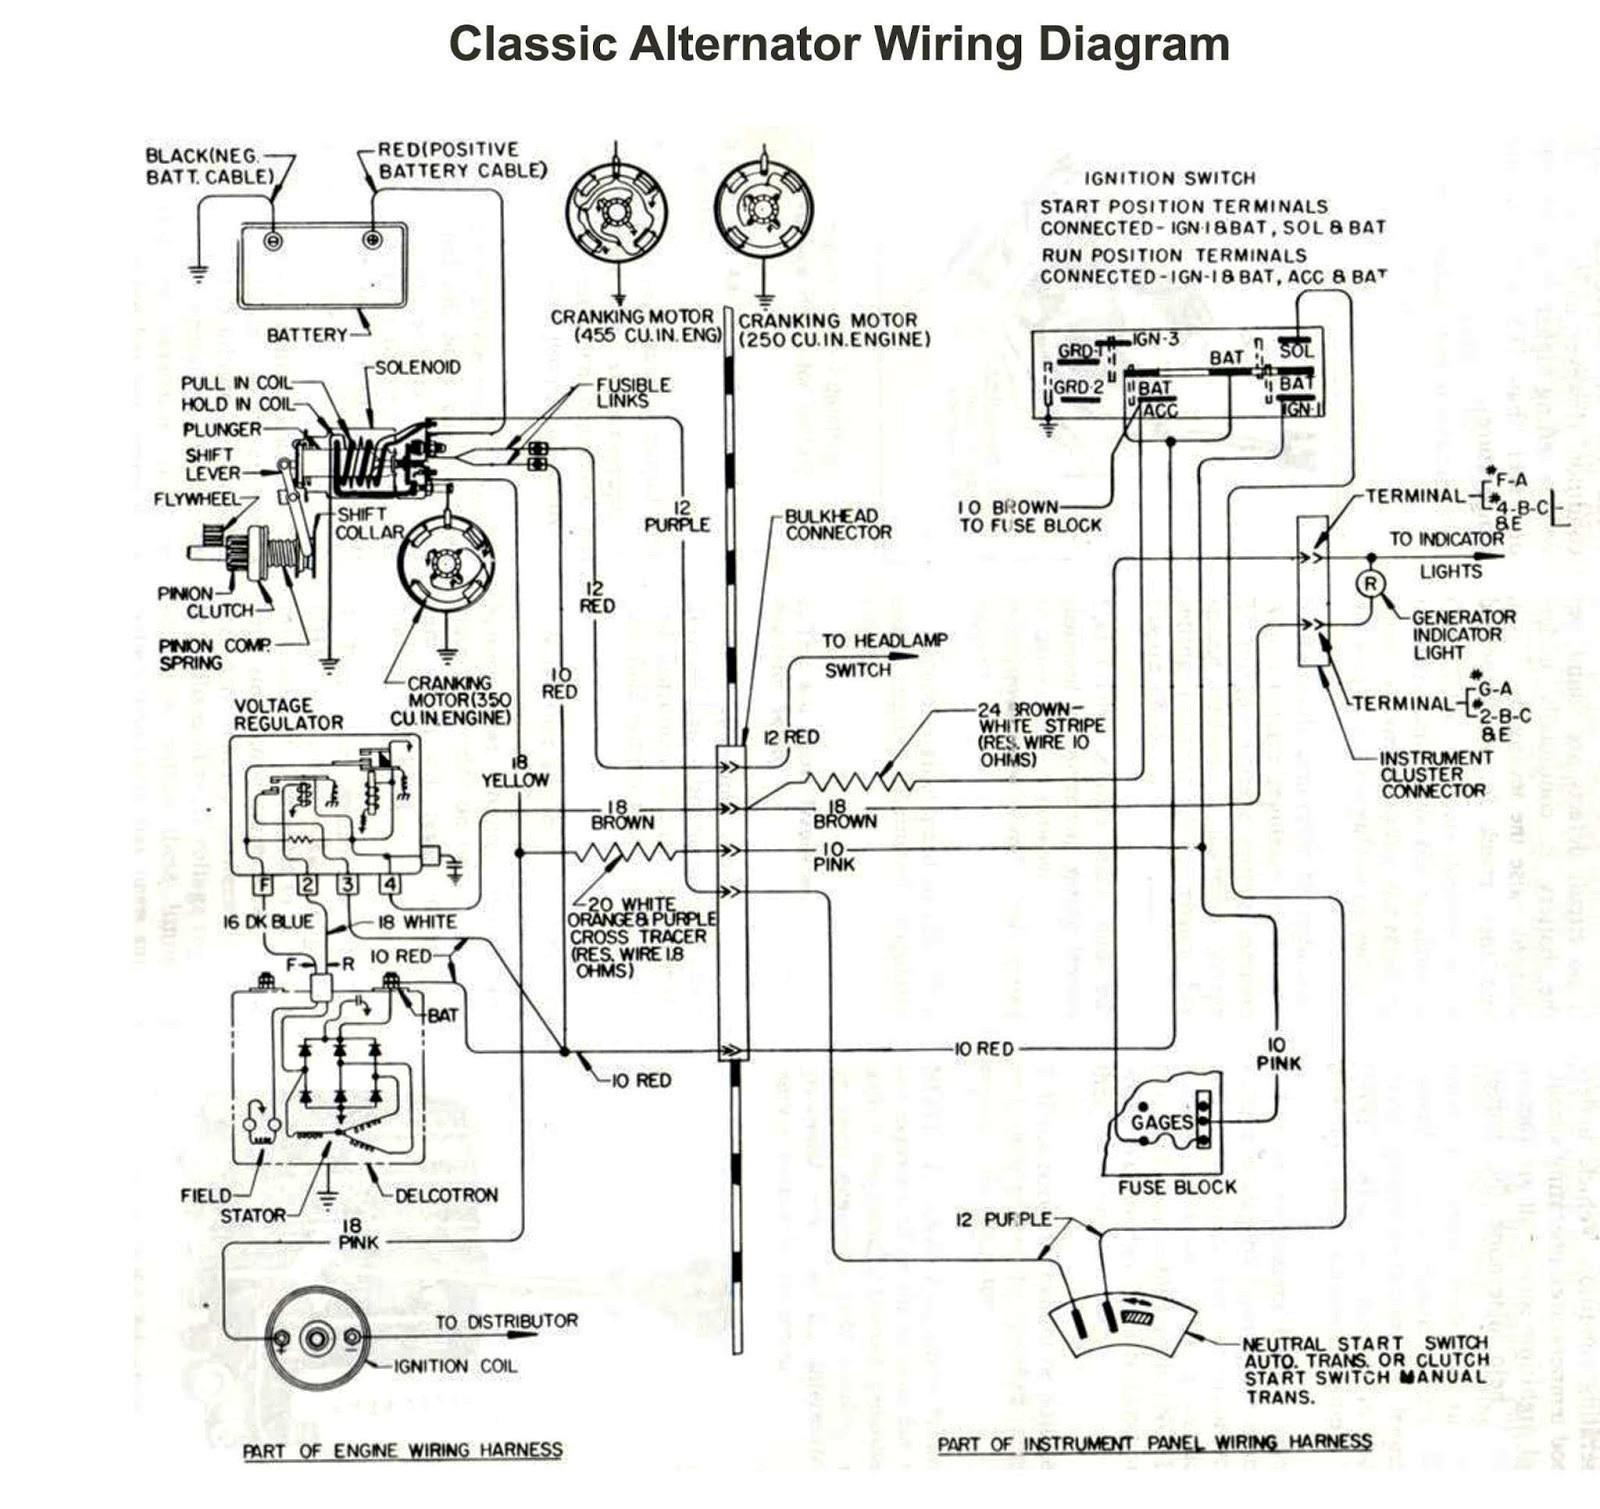 4 Wire Alternator Wiring Diagram